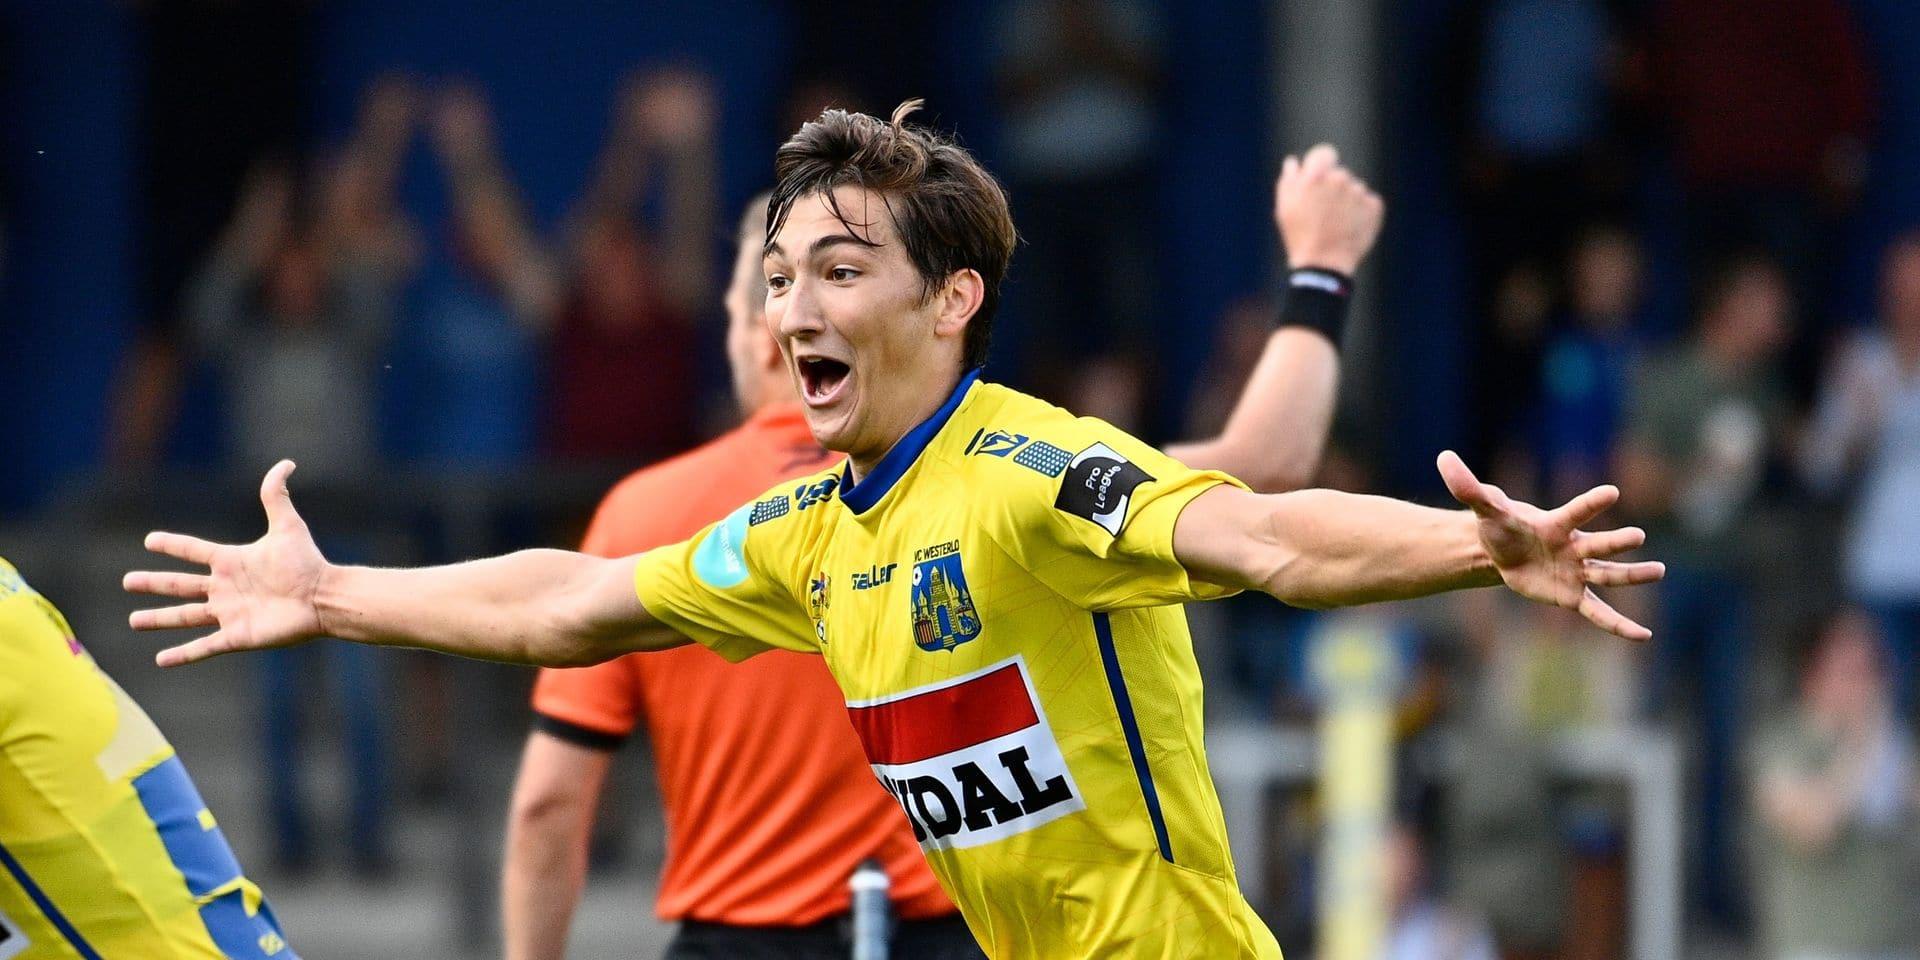 Westerlo rattrape deux buts de retard contre Deinze et reste en tête de la D1B